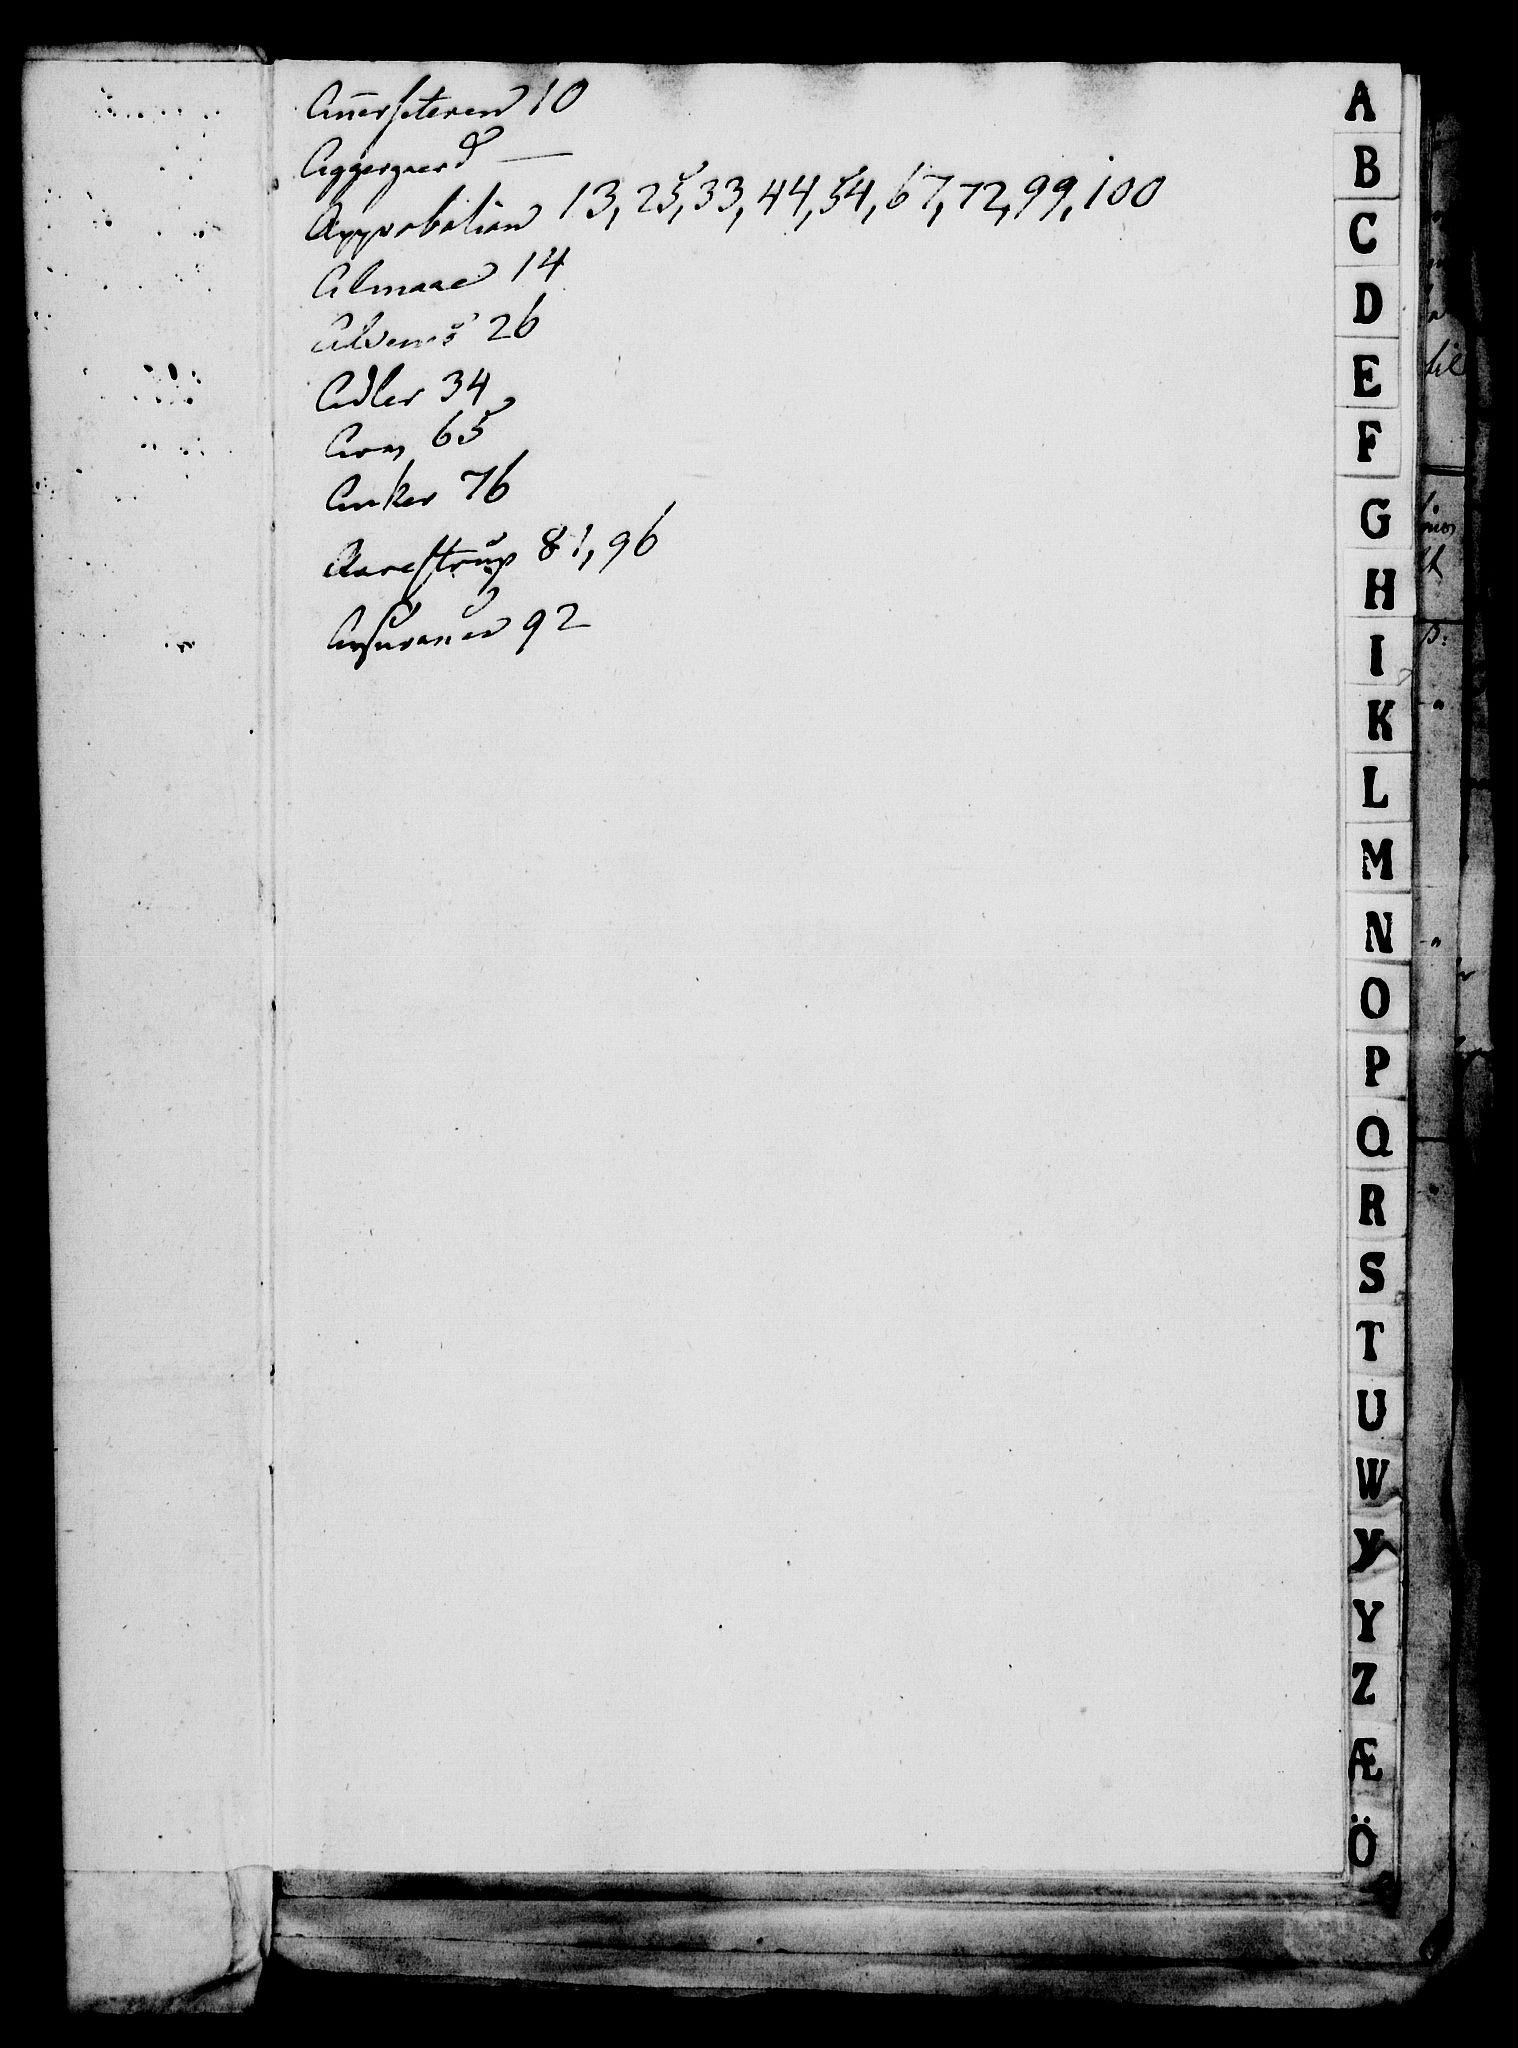 RA, Rentekammeret, Kammerkanselliet, G/Gf/Gfa/L0089: Norsk relasjons- og resolusjonsprotokoll (merket RK 52.89), 1807, s. 3